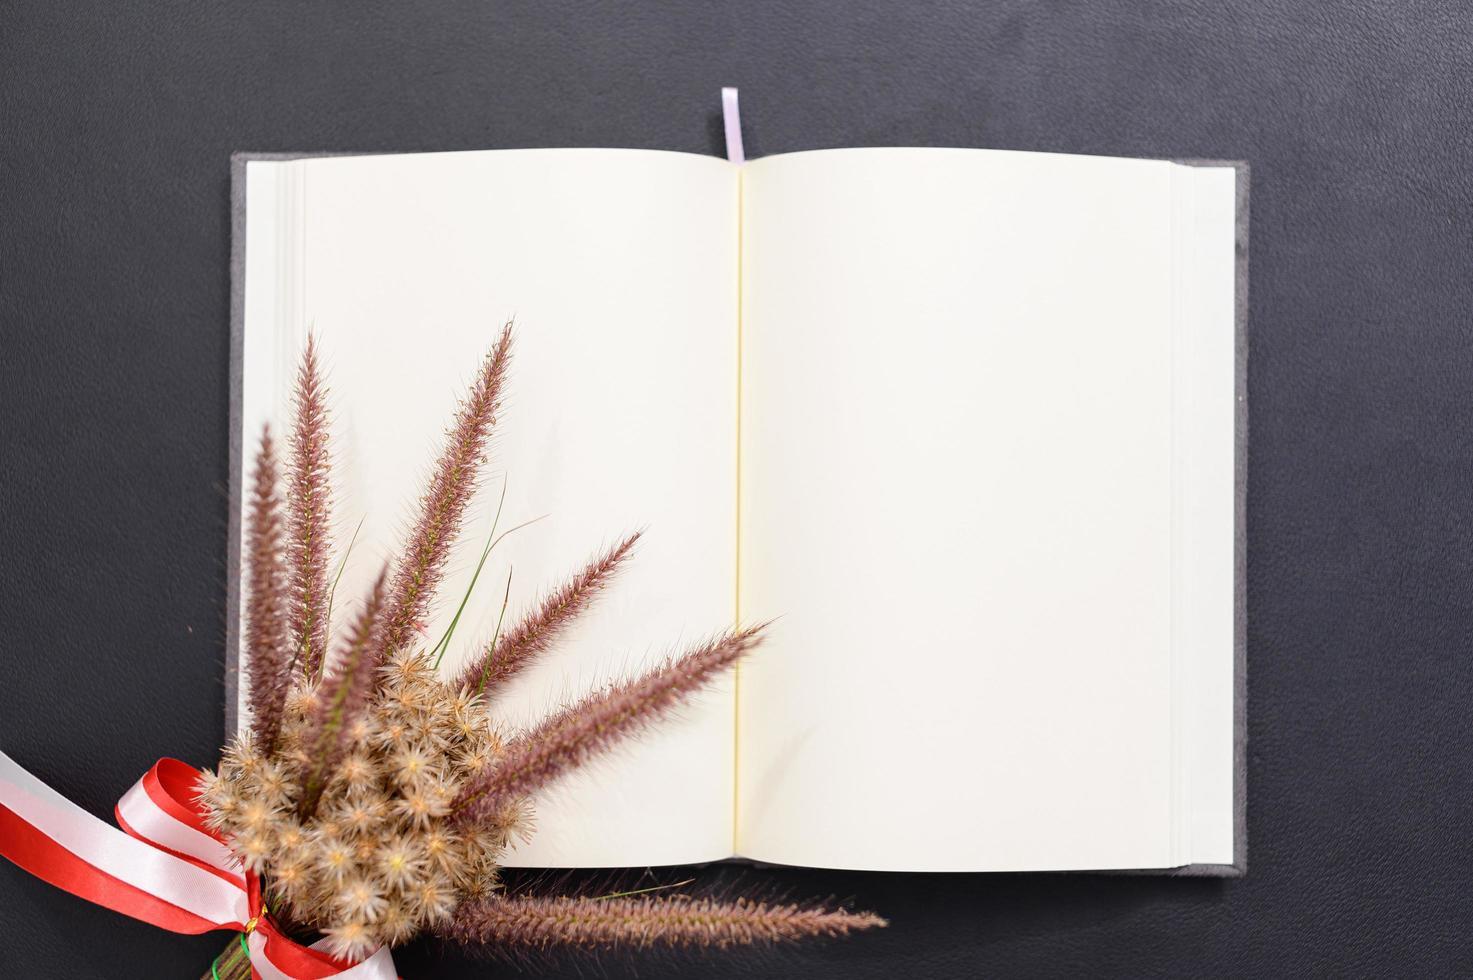 cuaderno en blanco sobre el escritorio foto